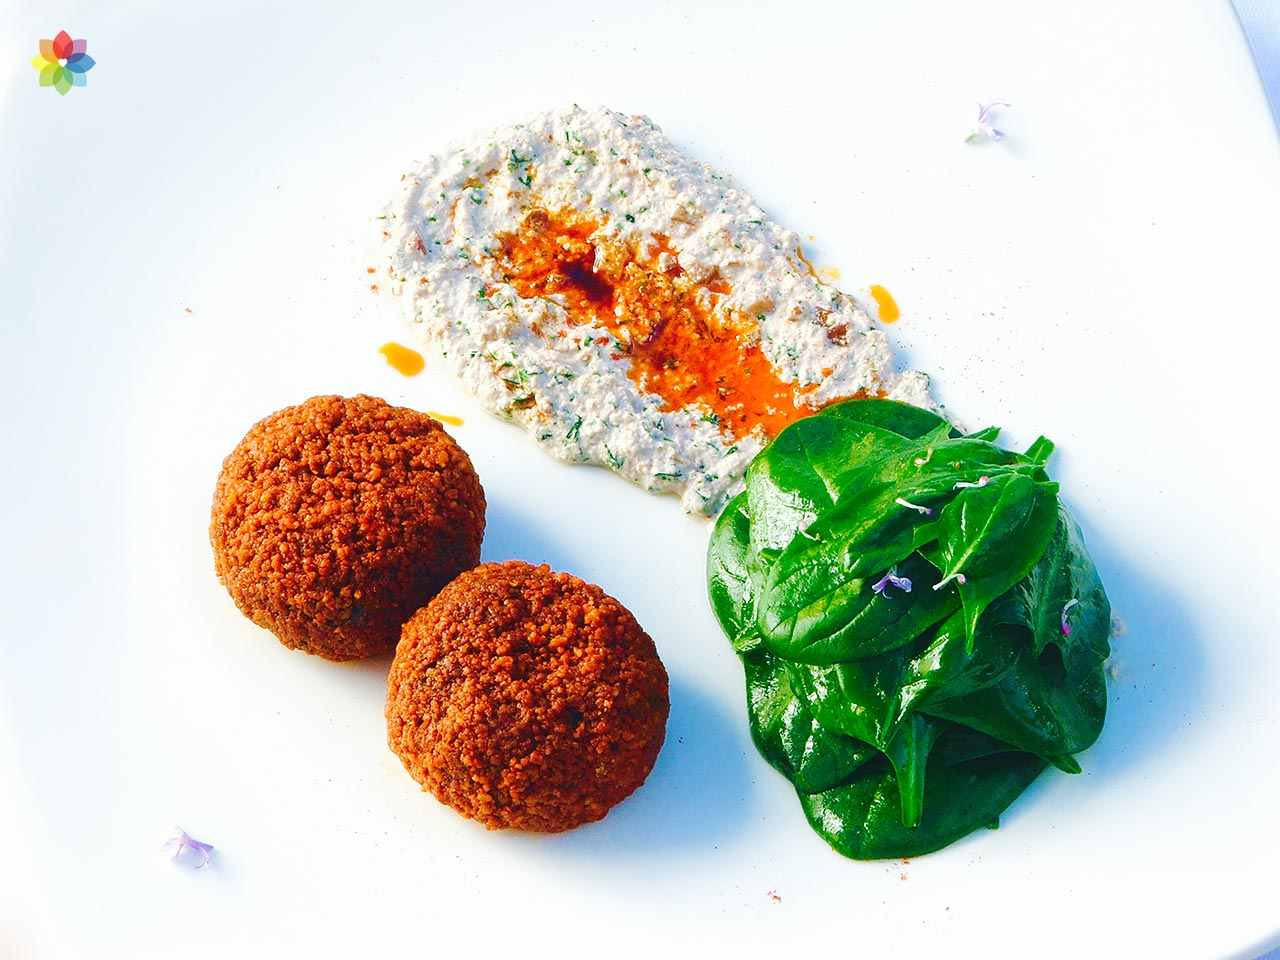 Croquetas de acelga con salsa tártara y espinaca